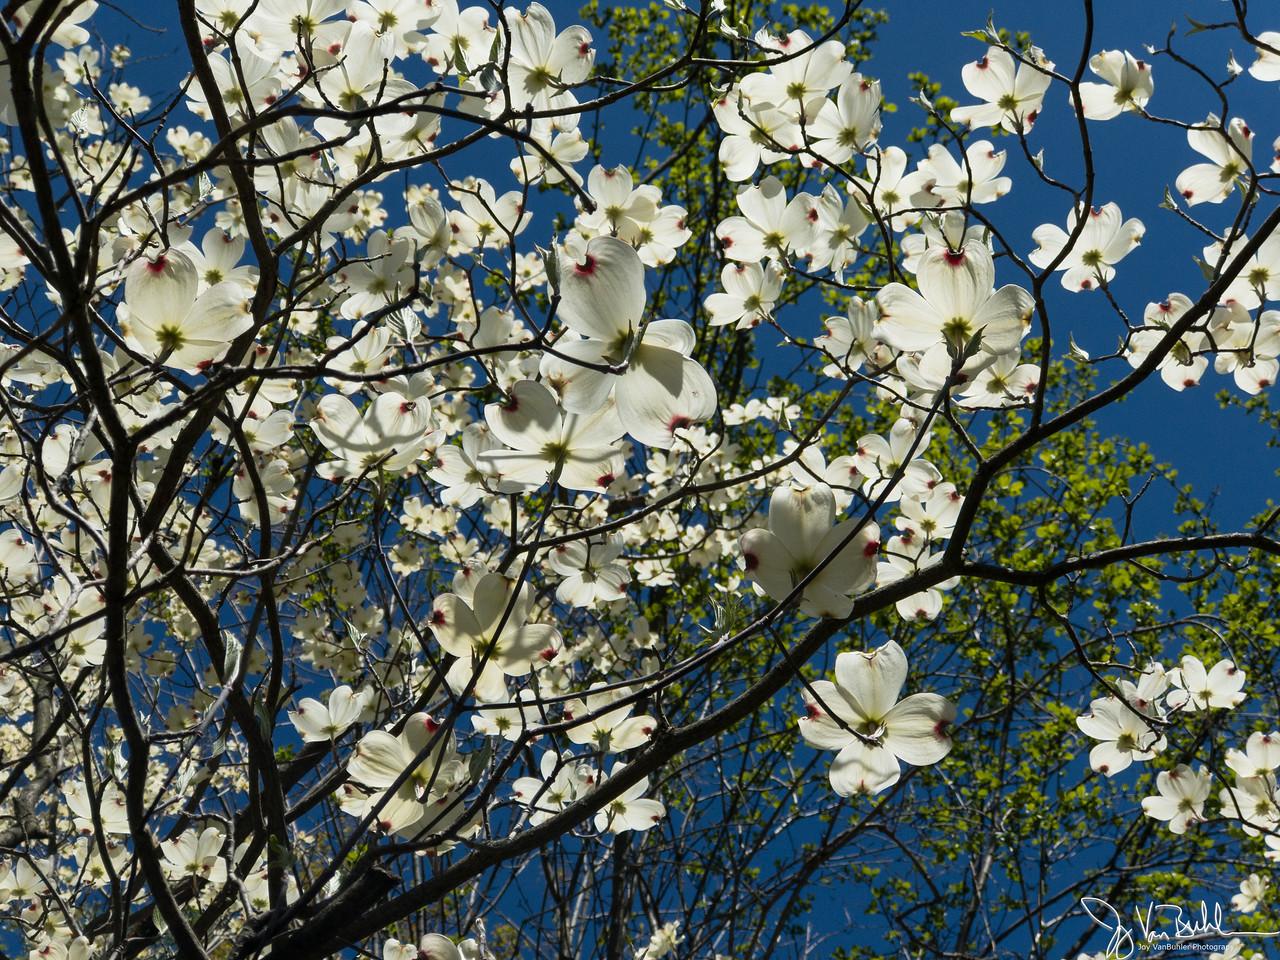 127/365 - Flowering Tree